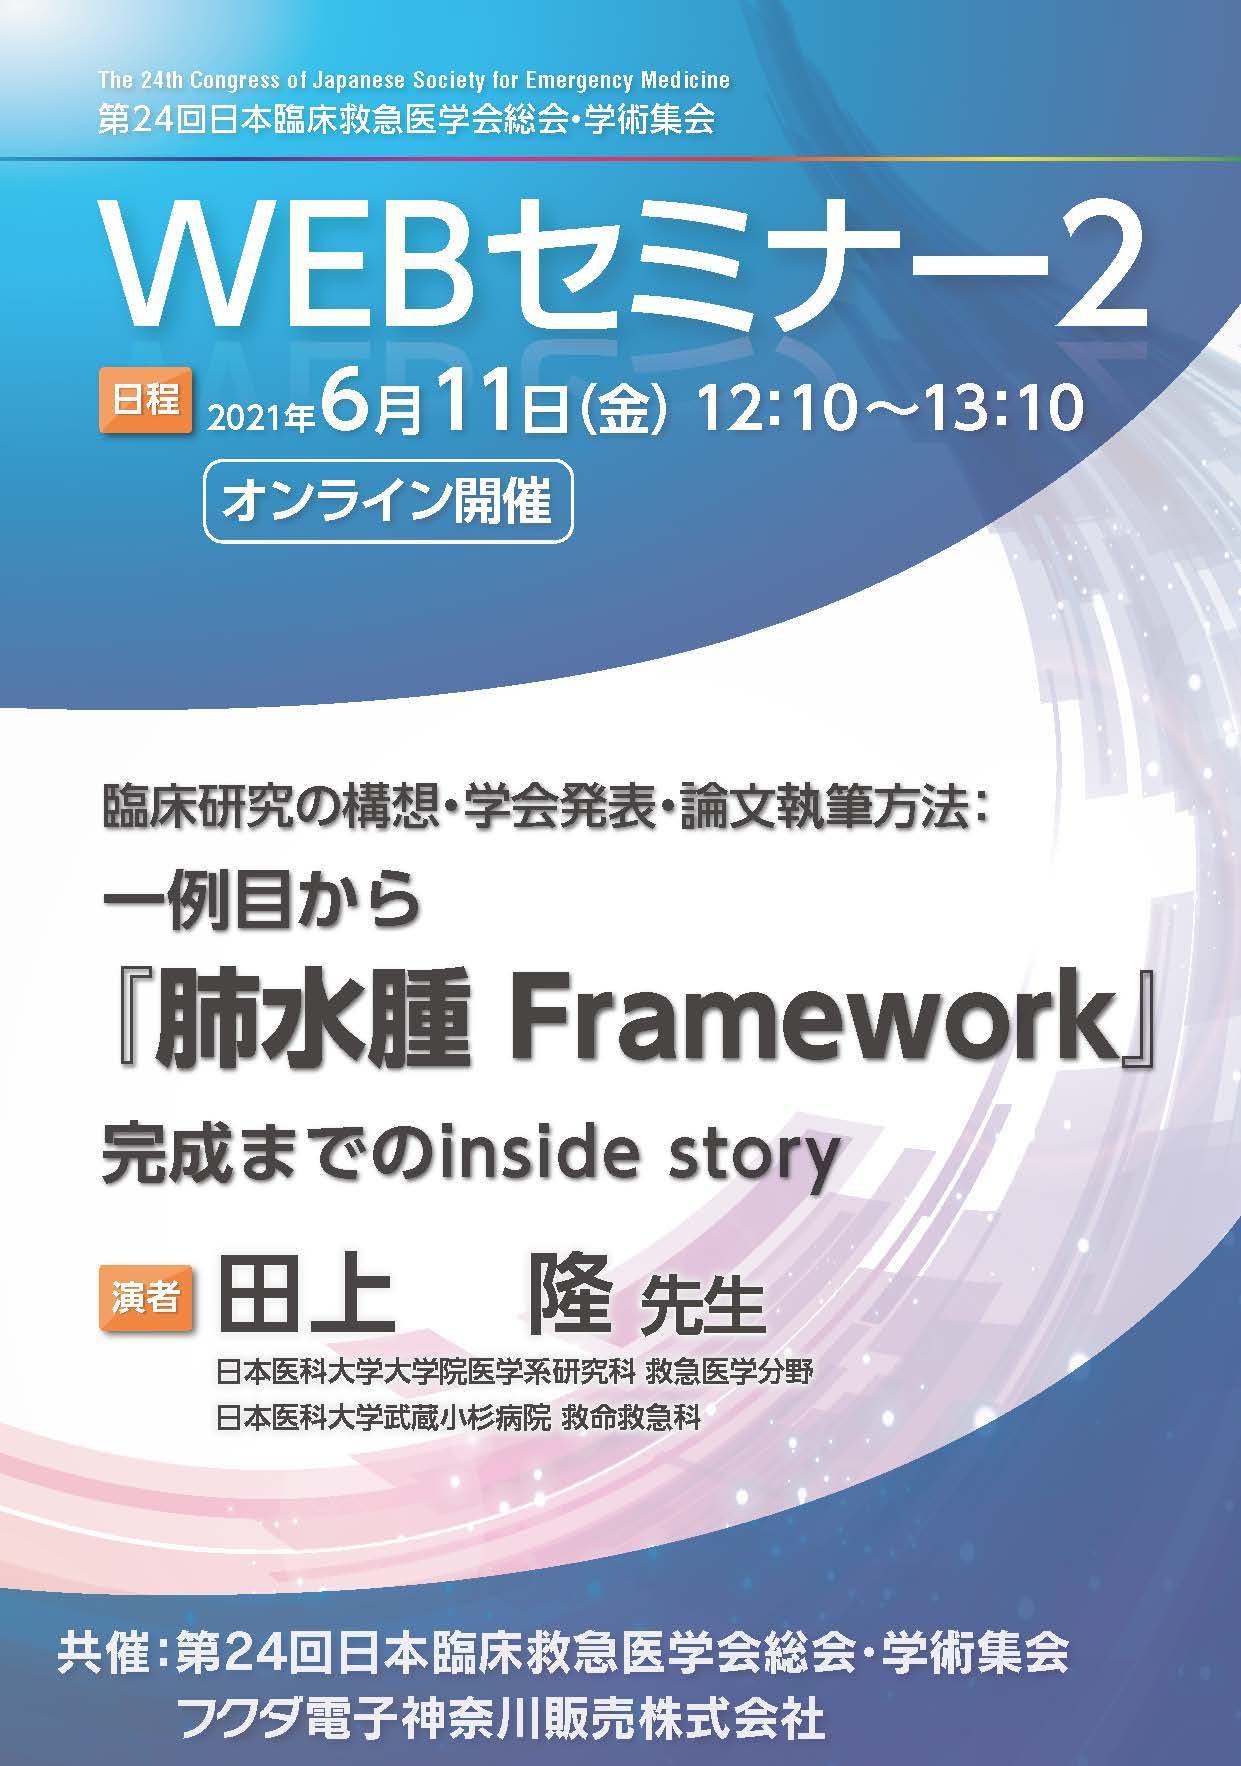 第24回日本臨床救急医学会総会・学術集会のwebセミナー2